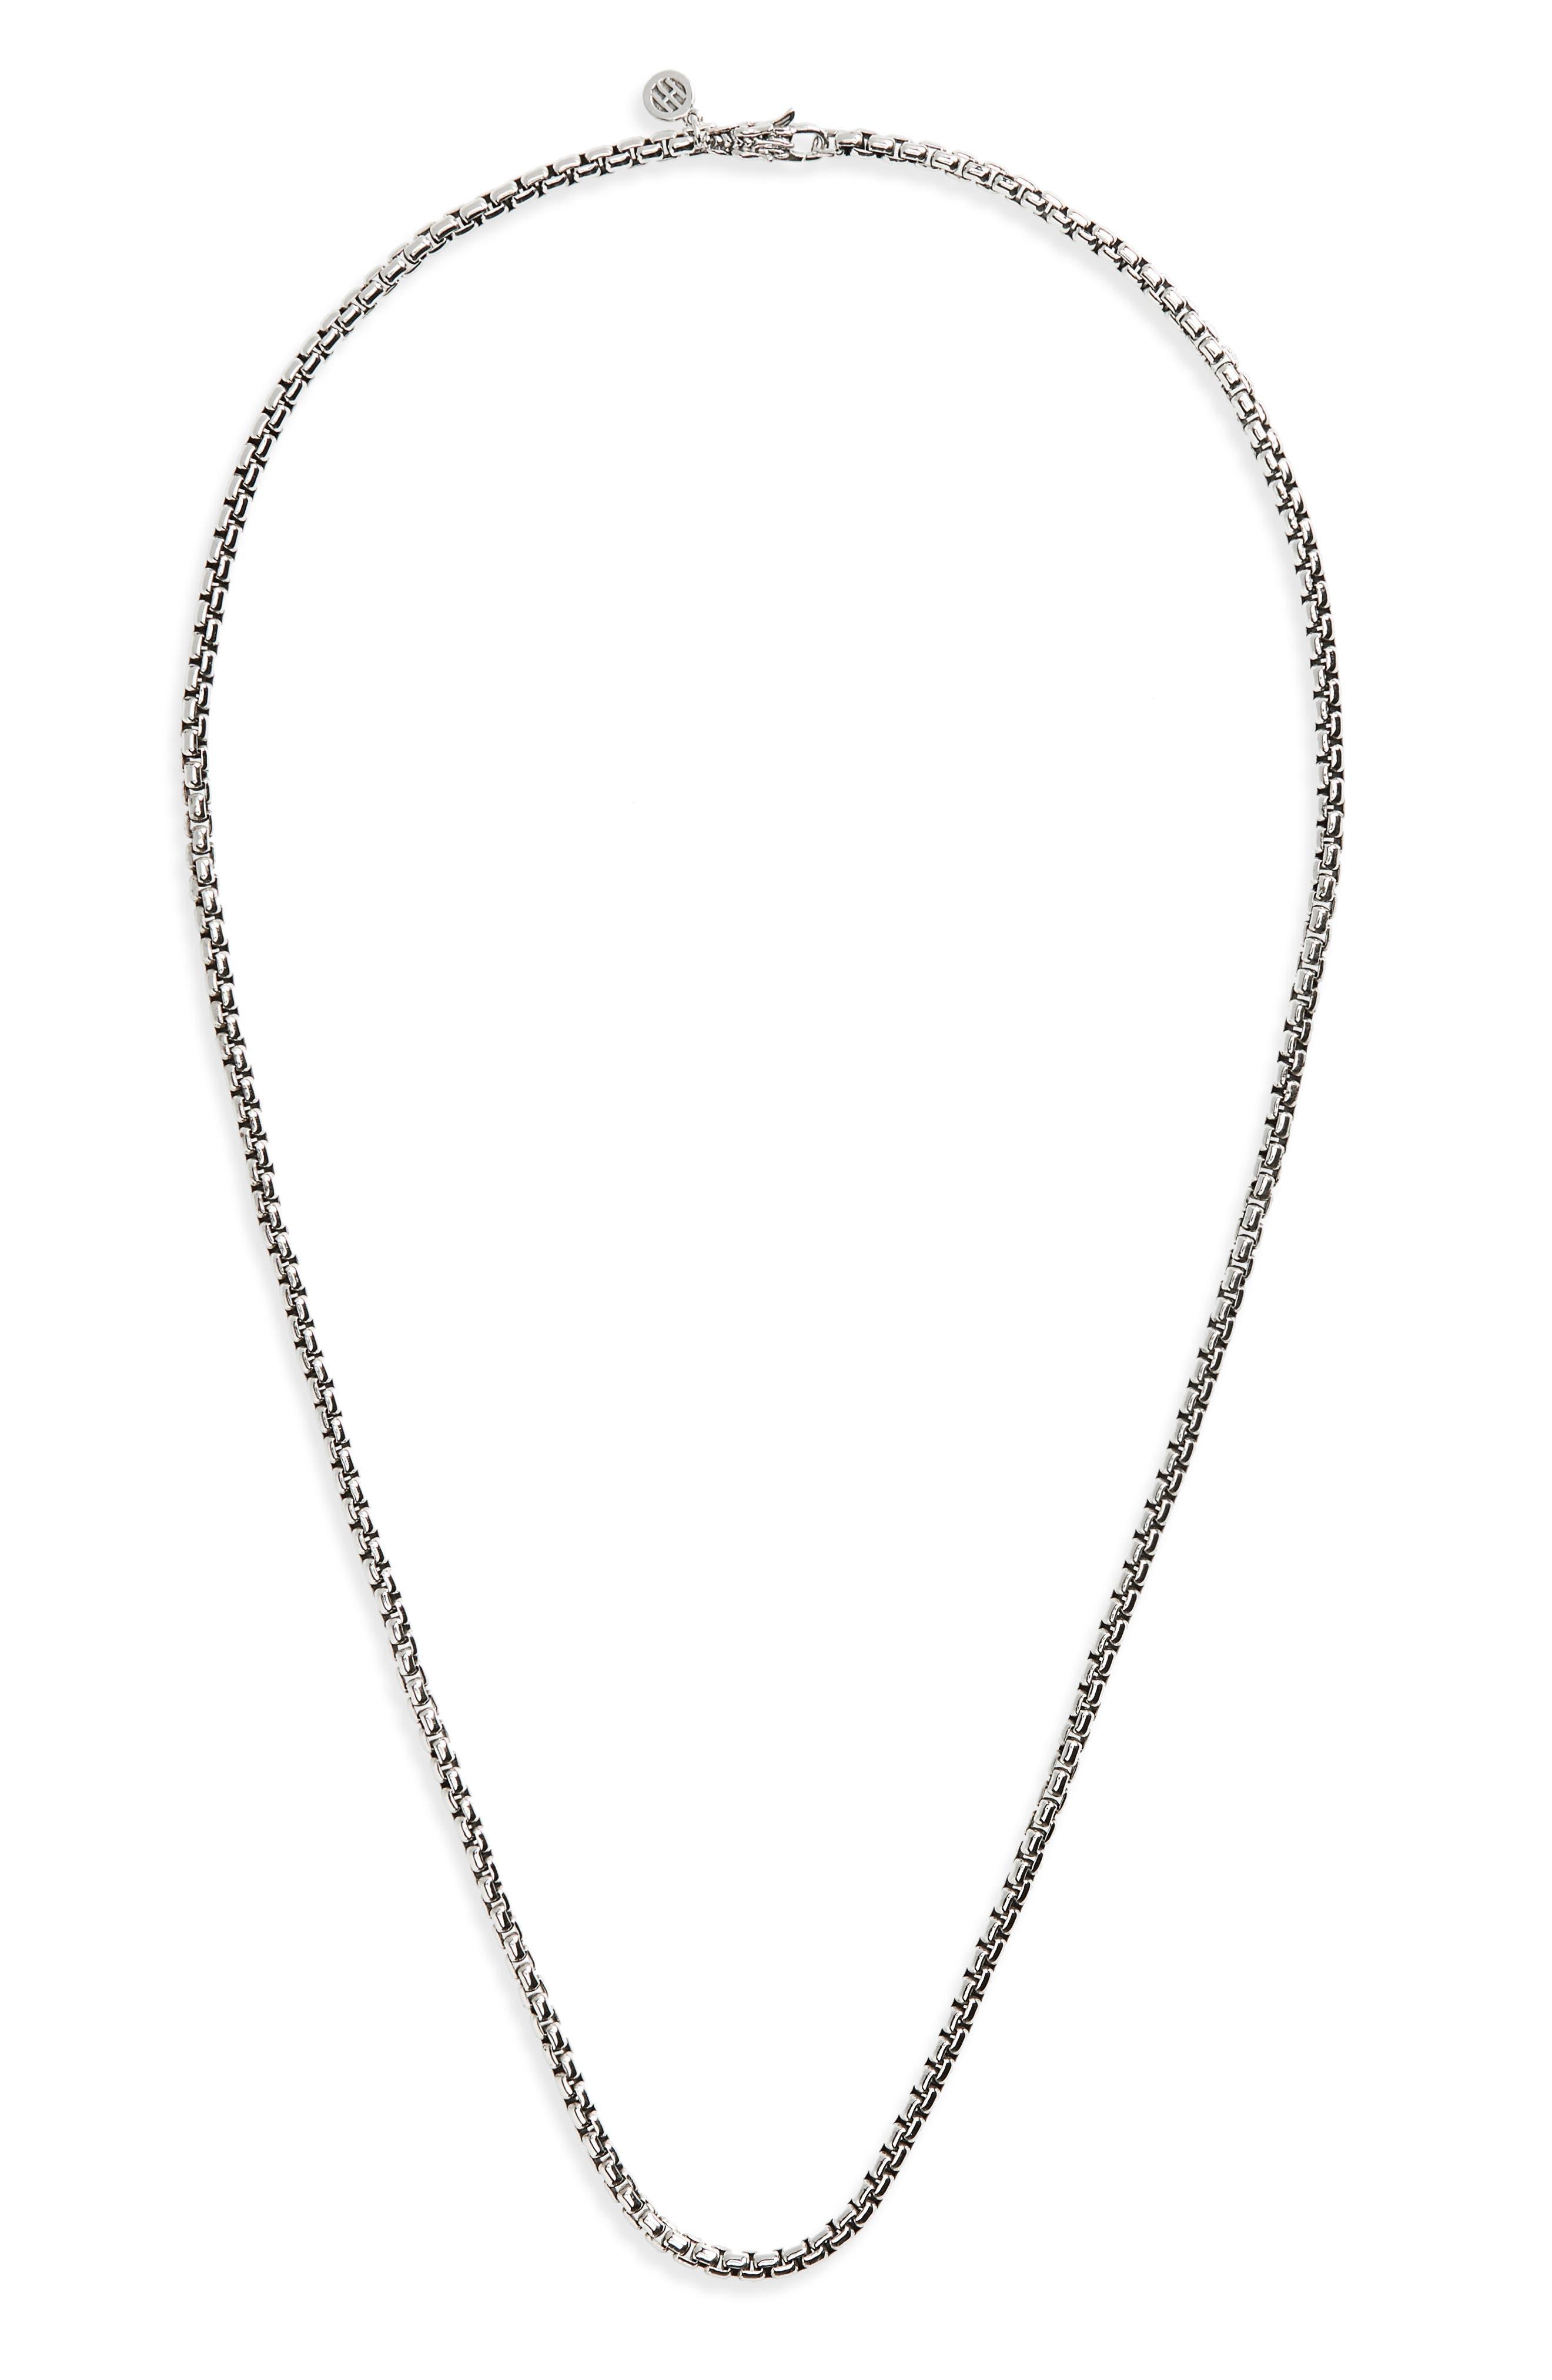 Naga Box Chain Necklace,                         Main,                         color, Silver